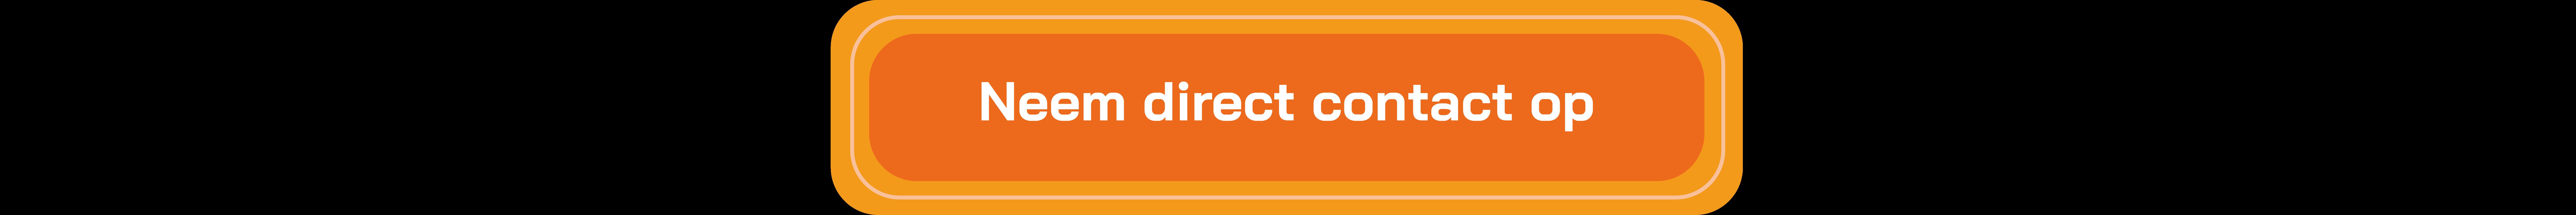 Adverteren button